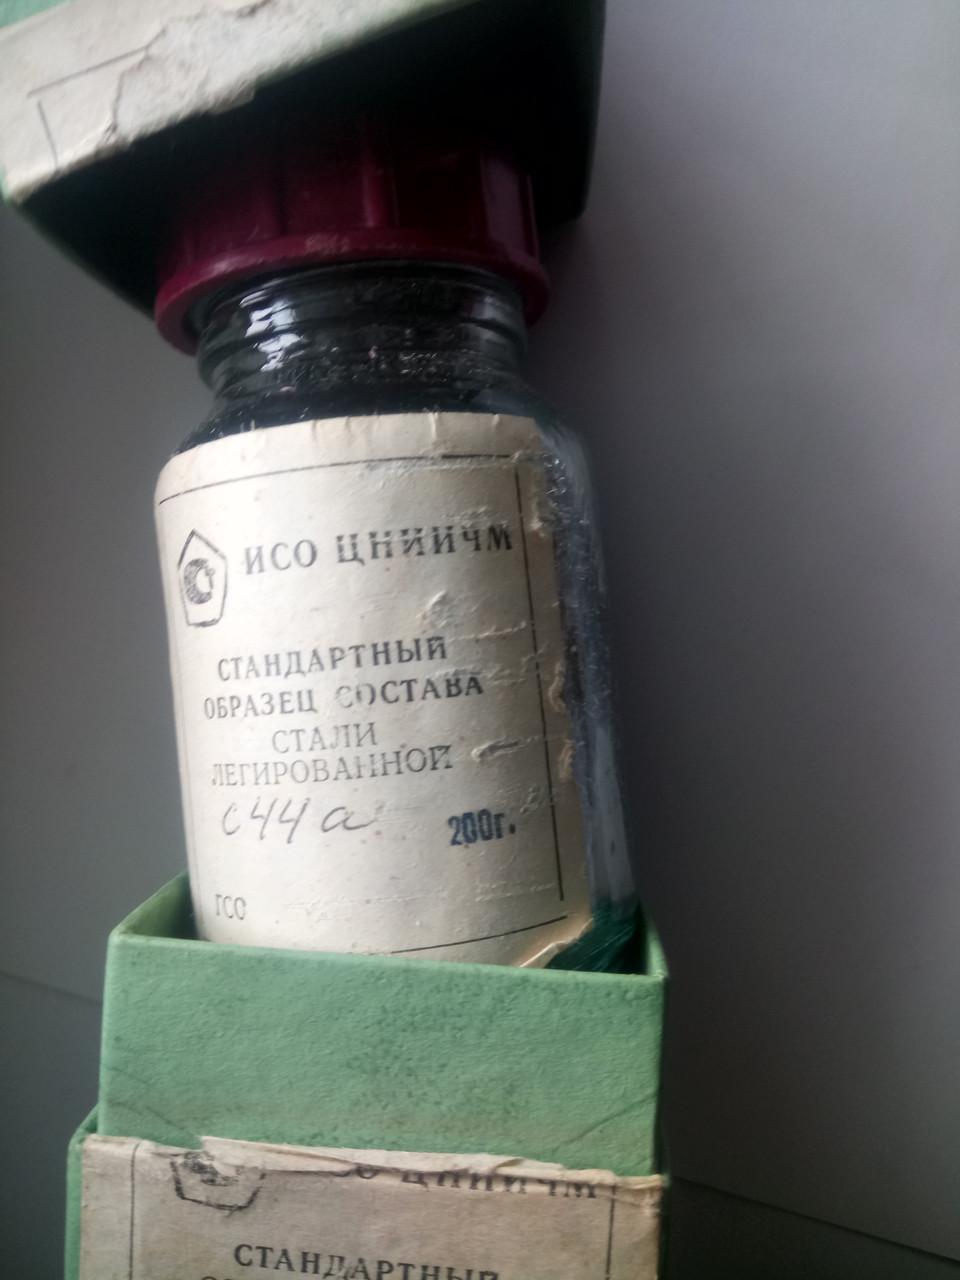 Образец(С44а)сталь легированного типа 03Х23Н6 ГСО  6549-93